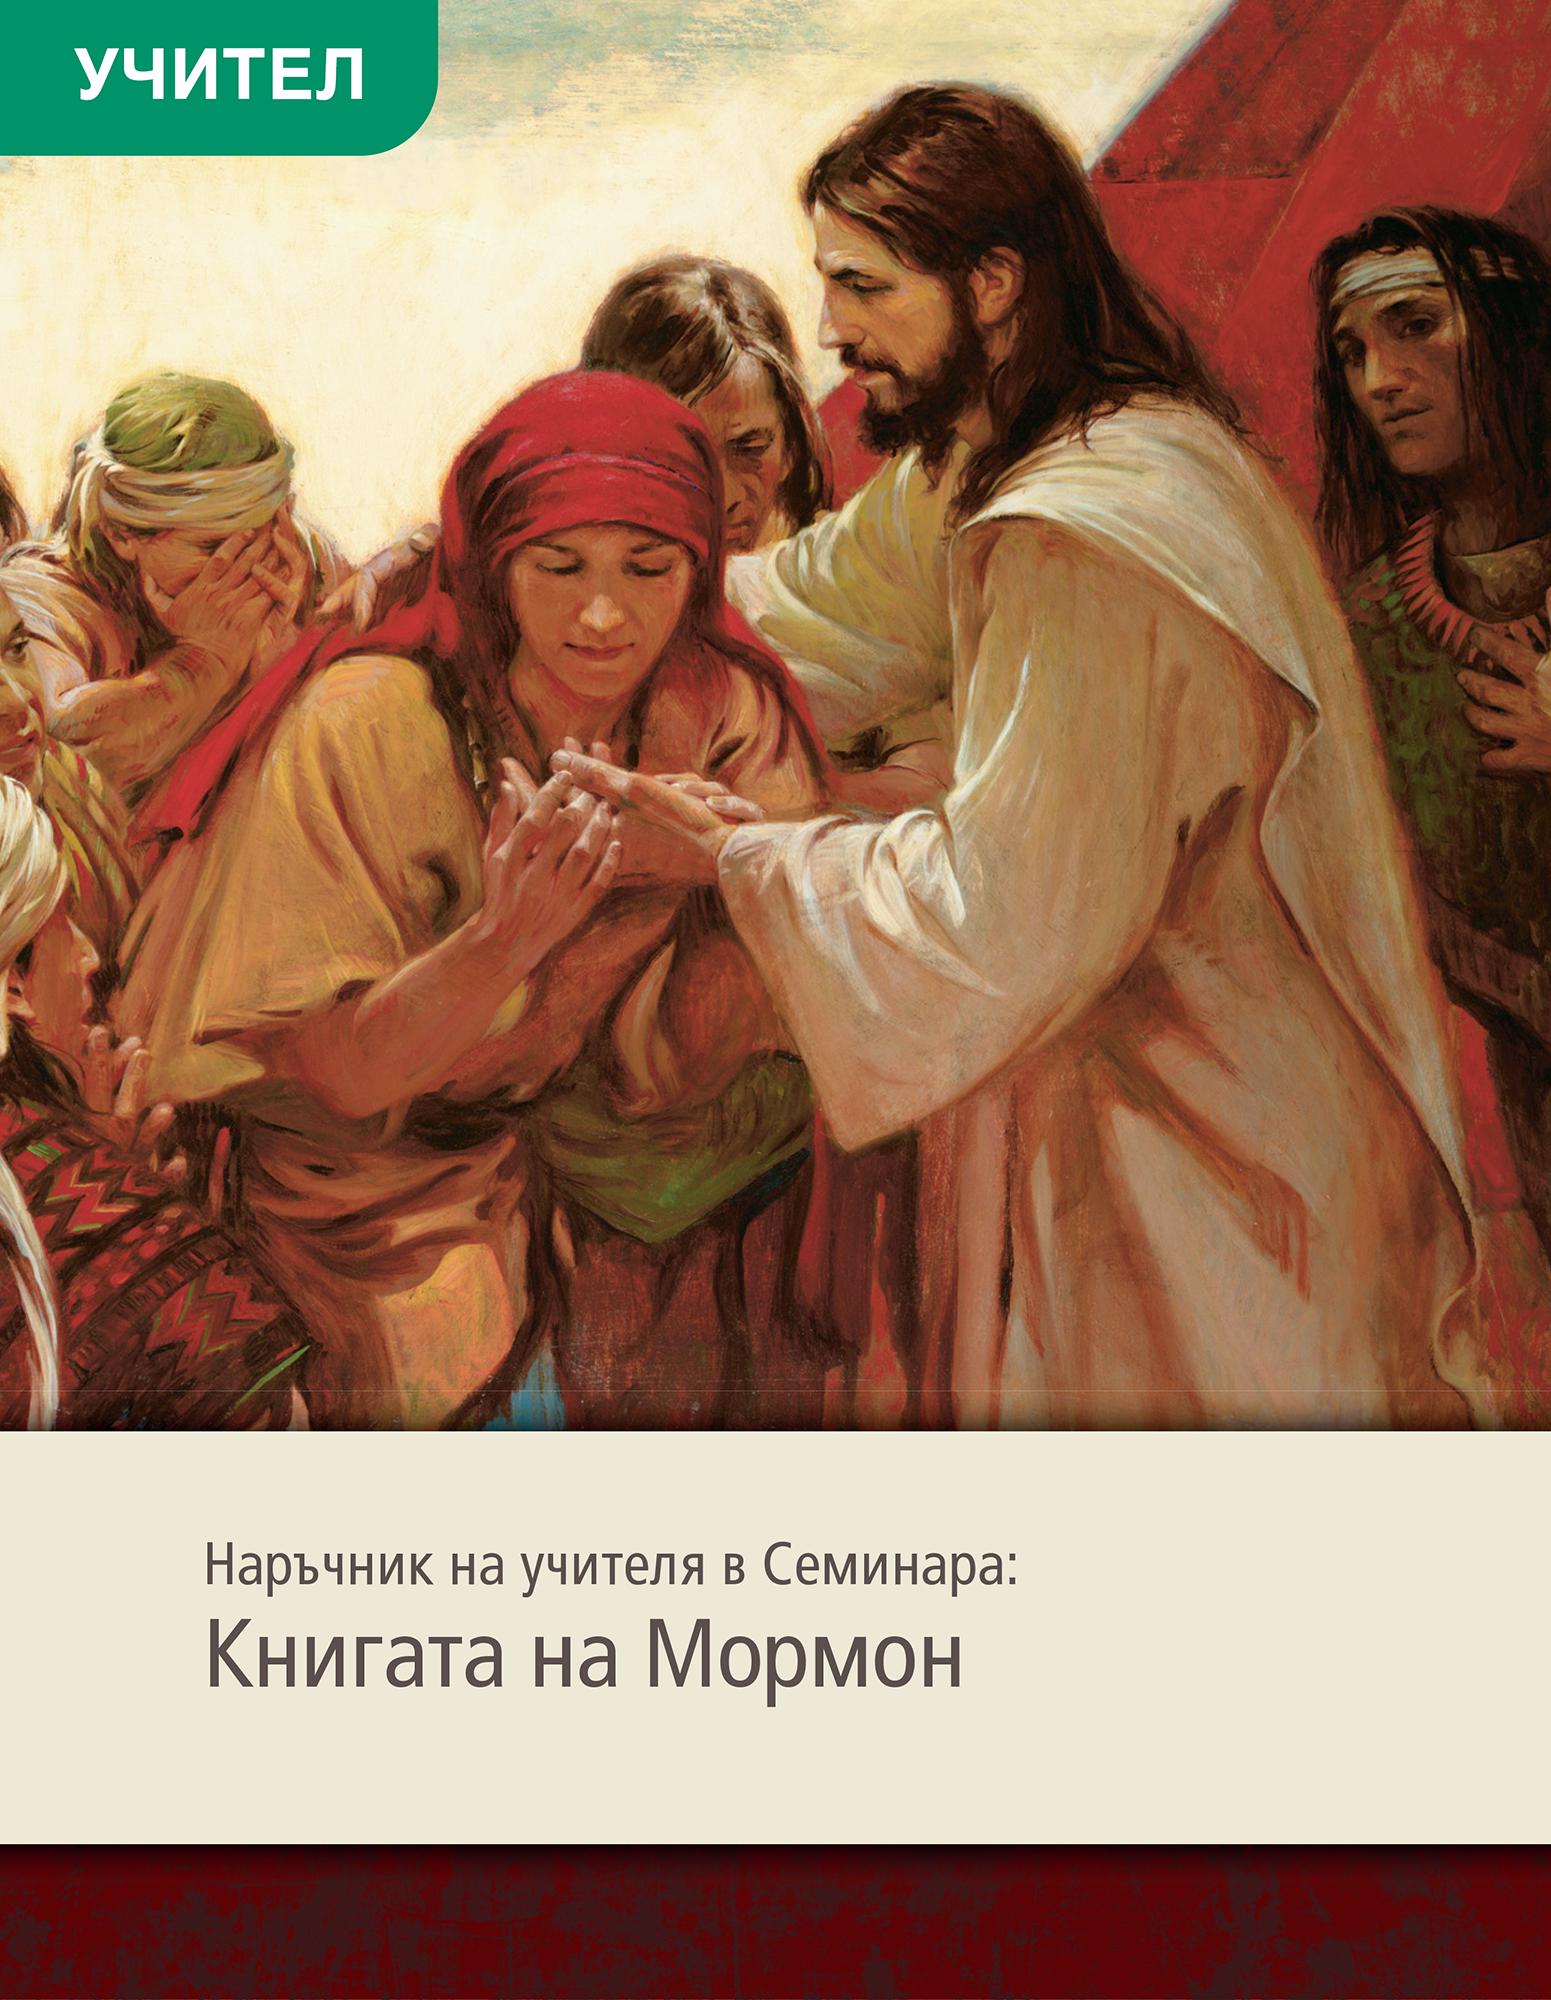 Ръководство на учителя в Семинар: Книгата на Мормон